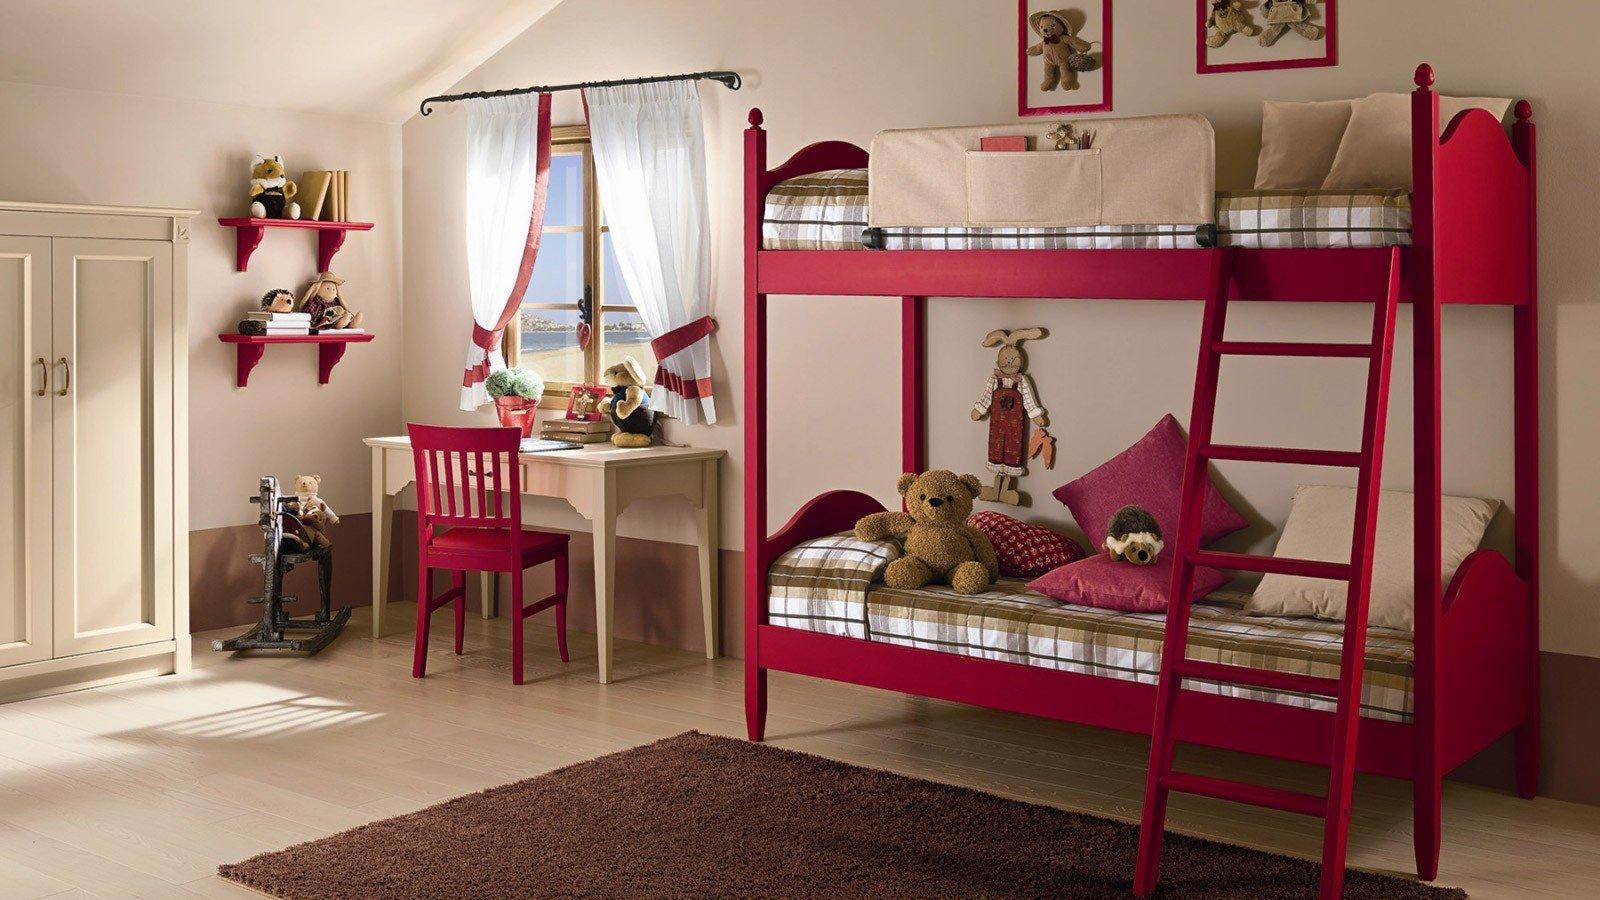 Cameretta con letto a castello vissani casa - Cameretta con letto a castello ...